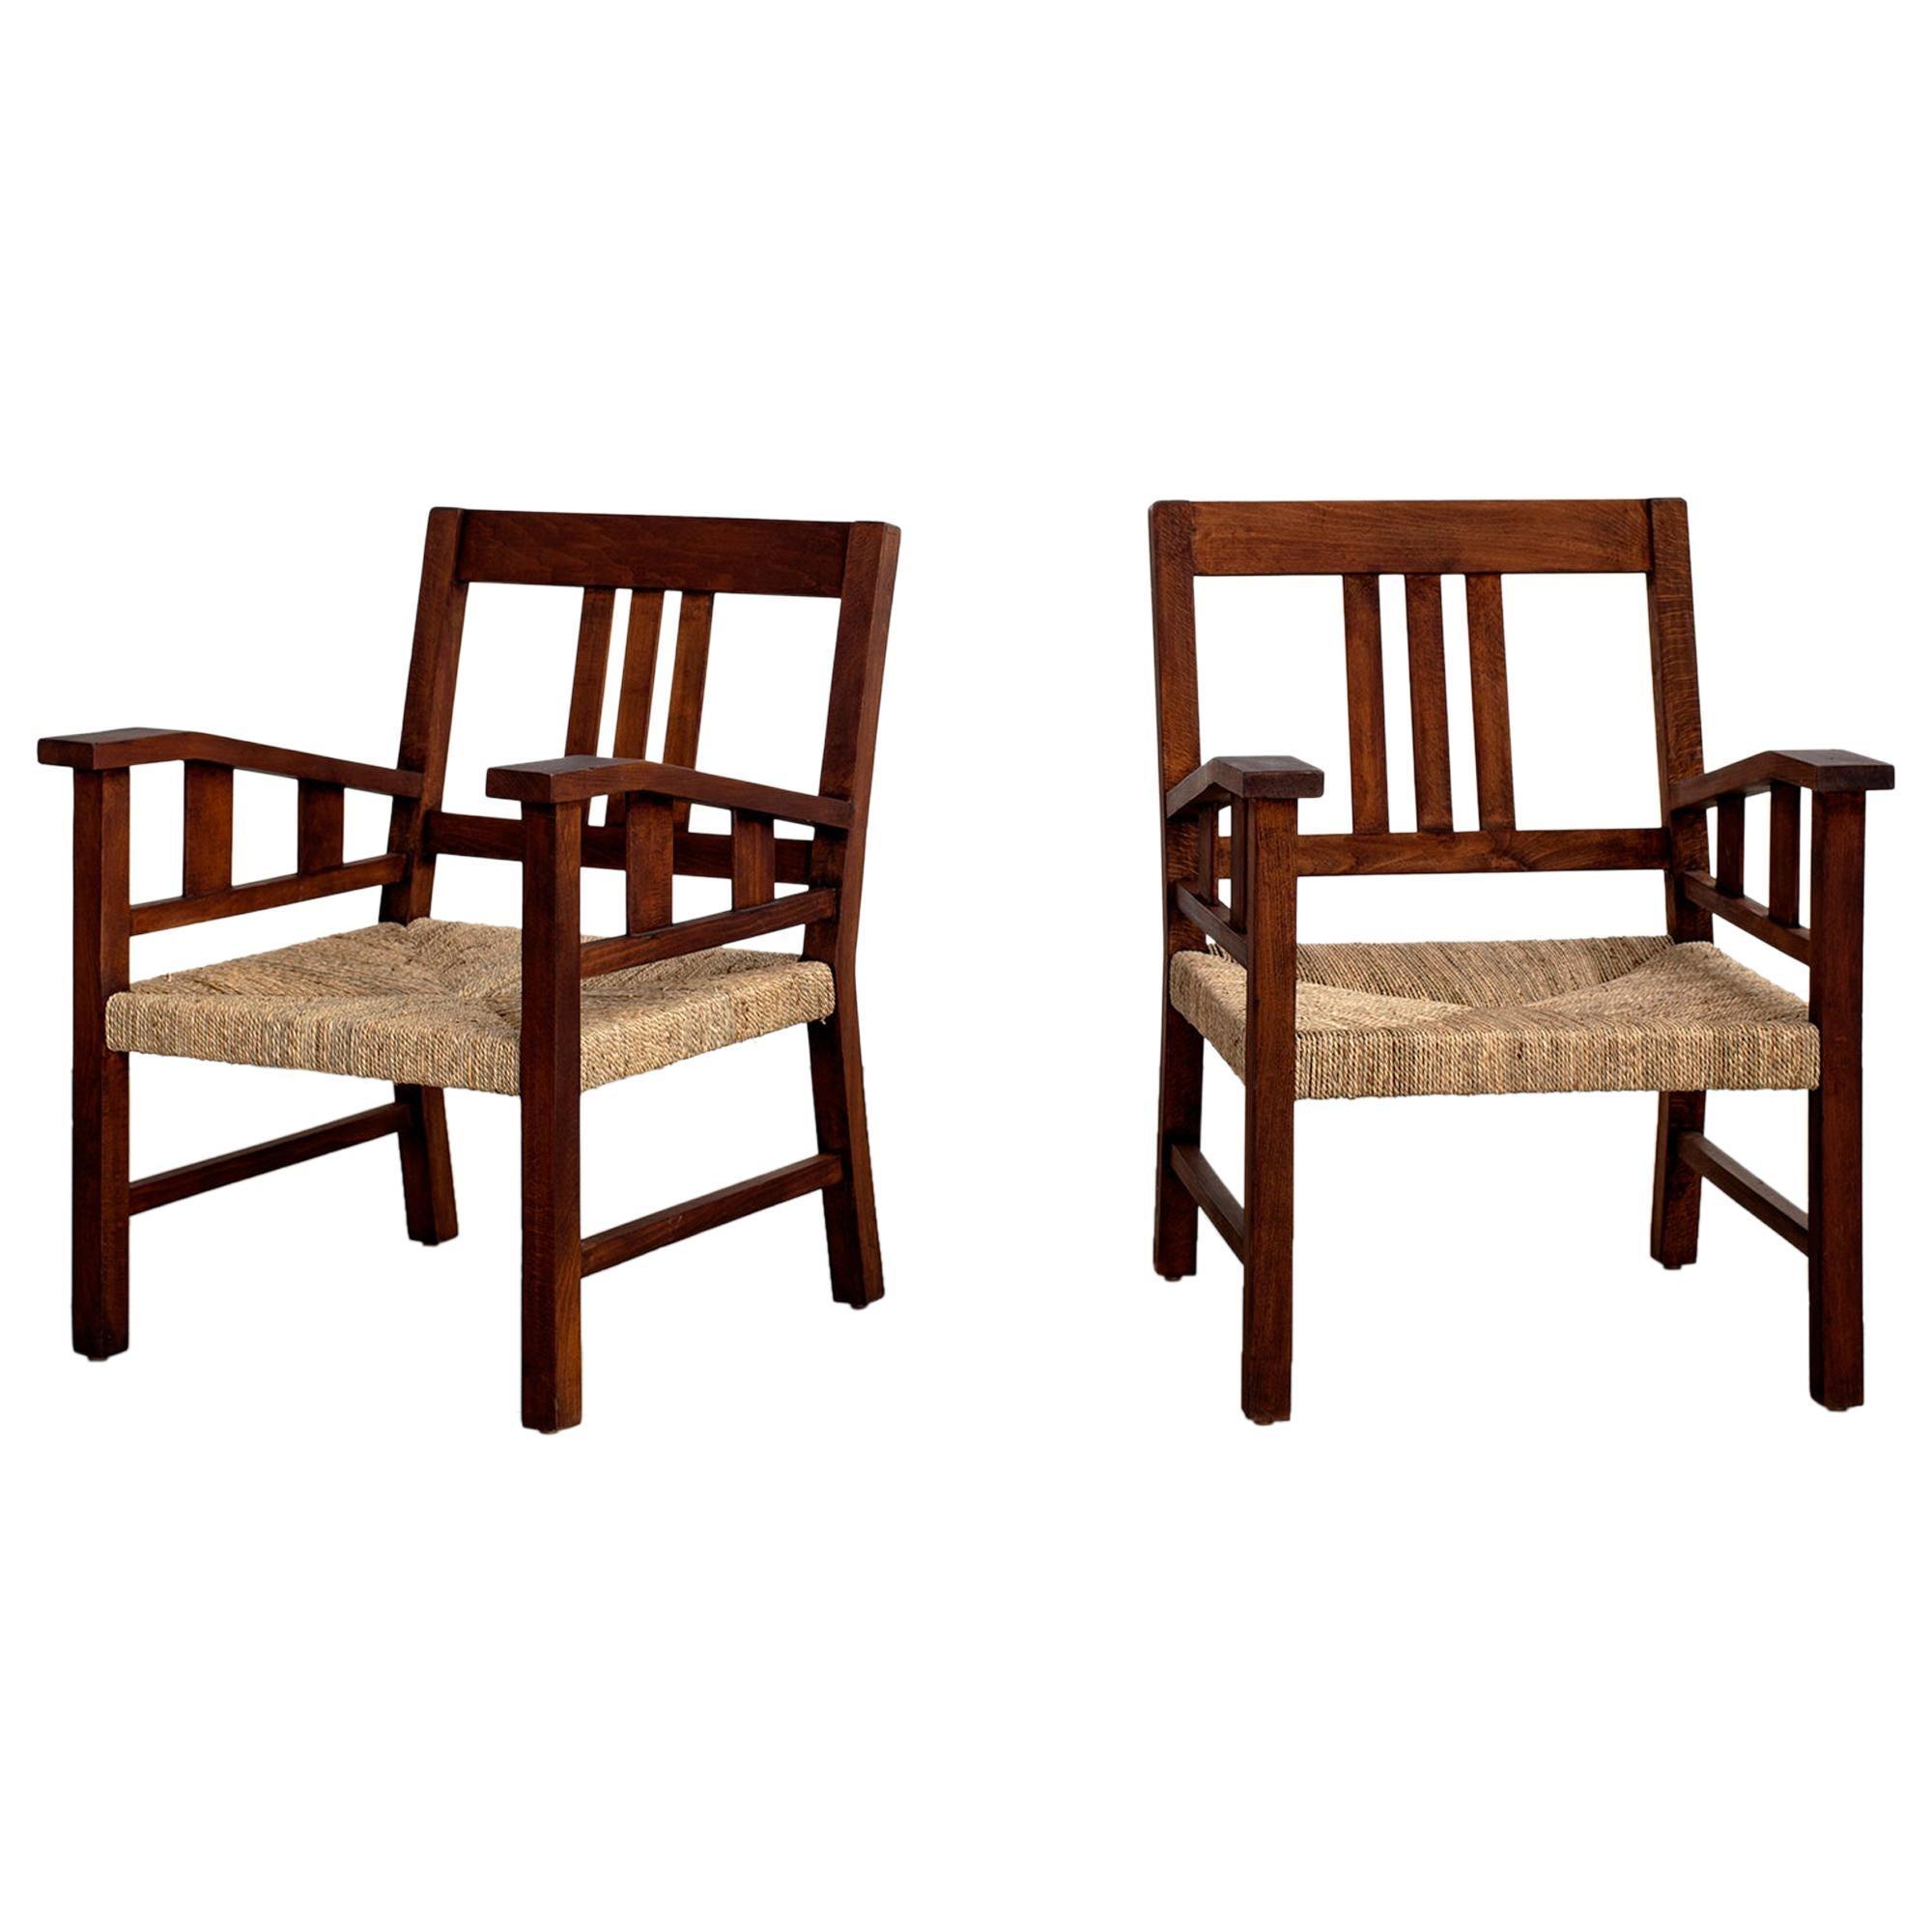 Francis Jourdain Chairs